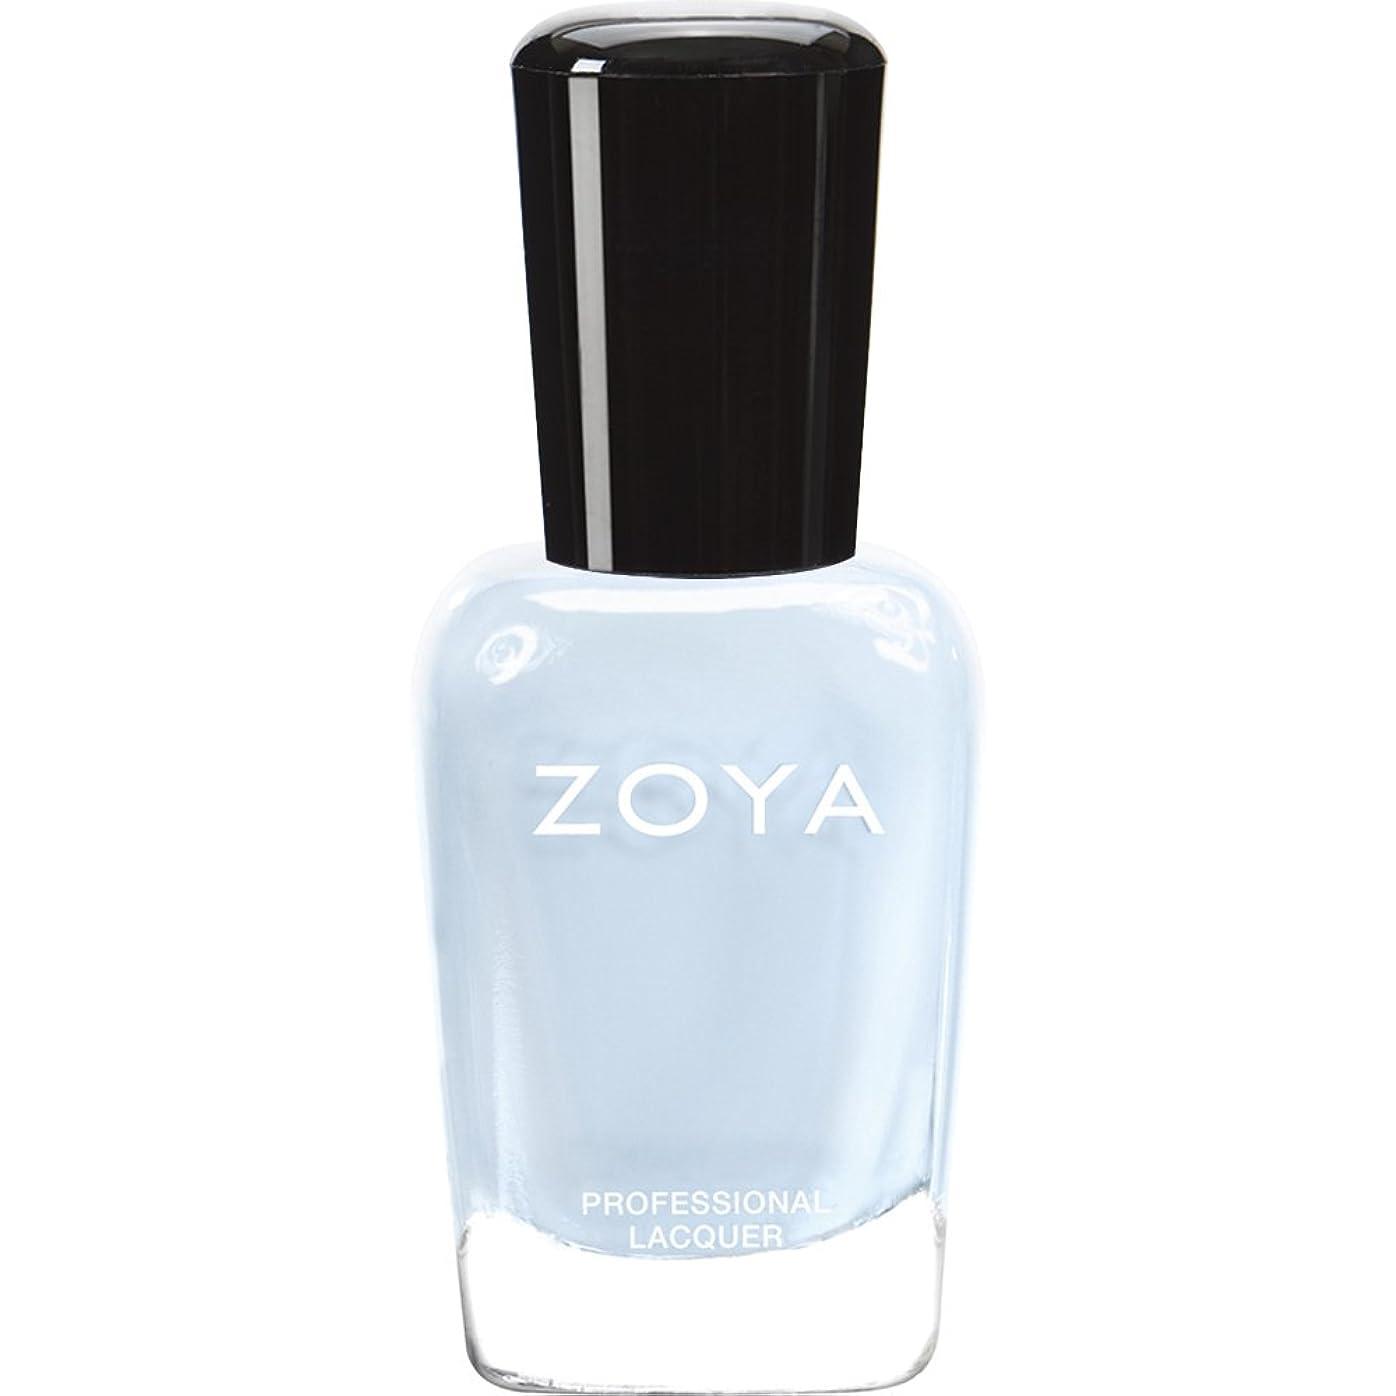 メロンコーヒー流産ZOYA ゾーヤ ネイルカラー ZP653 BLU ブルー 15ml  2012 LOVELY COLLECTION 光沢のある淡いベビーブルー マット 爪にやさしいネイルラッカーマニキュア